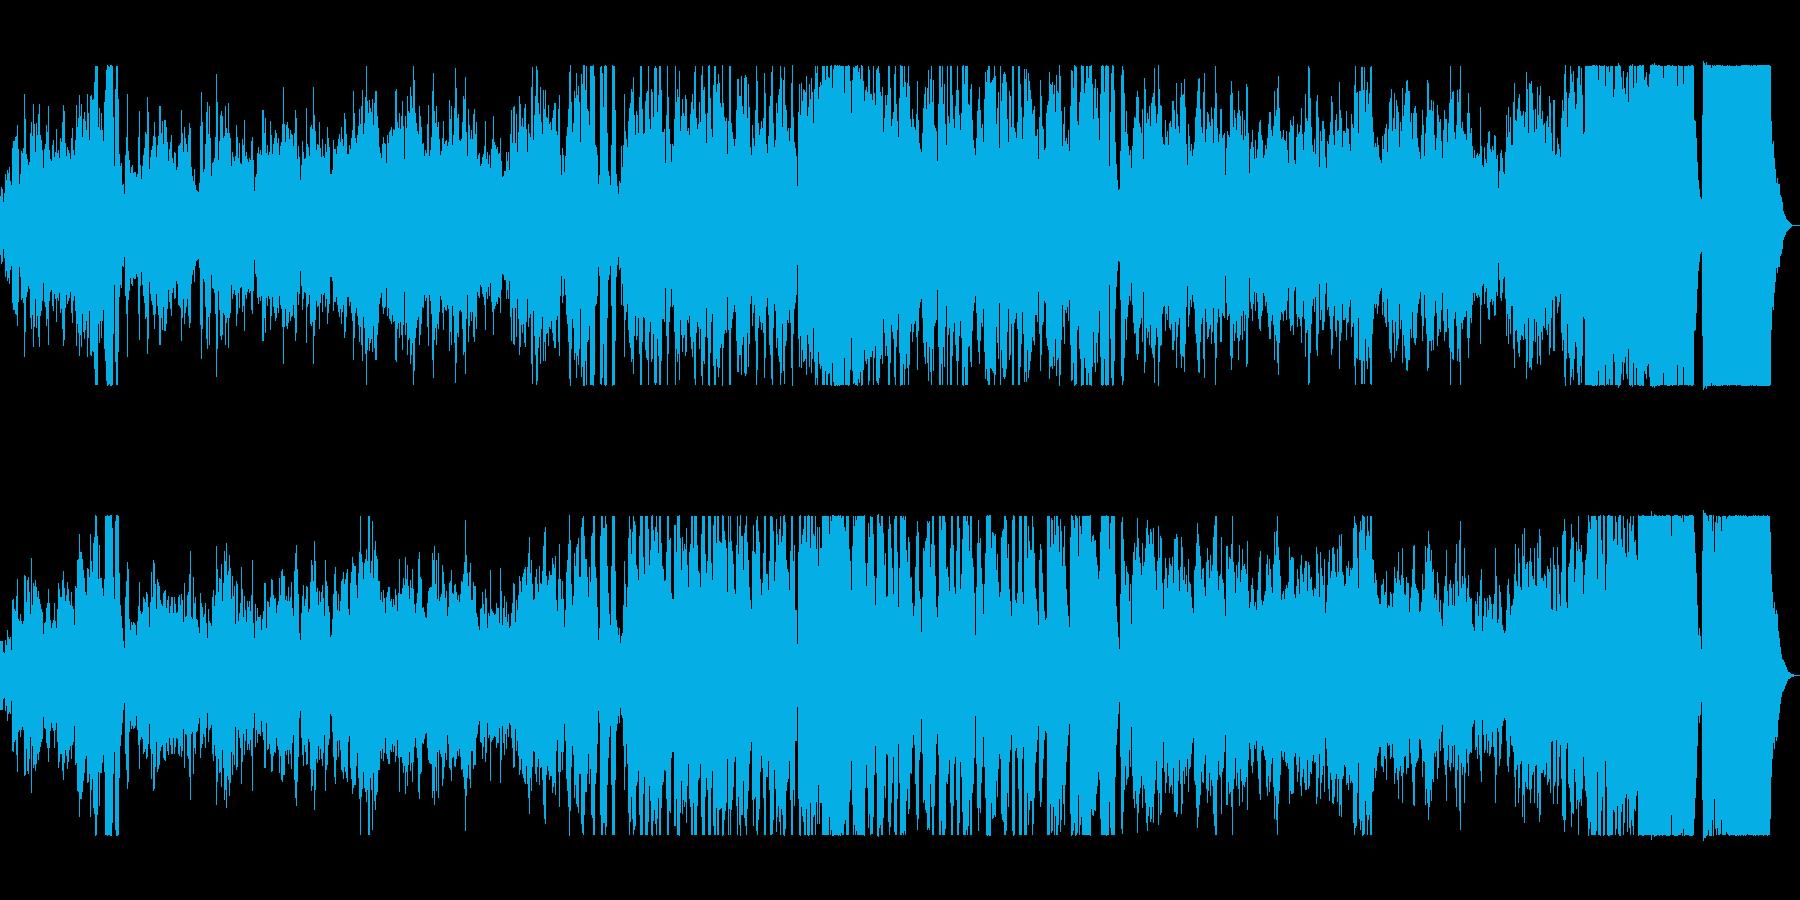 オーケストラの壮大な演奏の楽曲の再生済みの波形